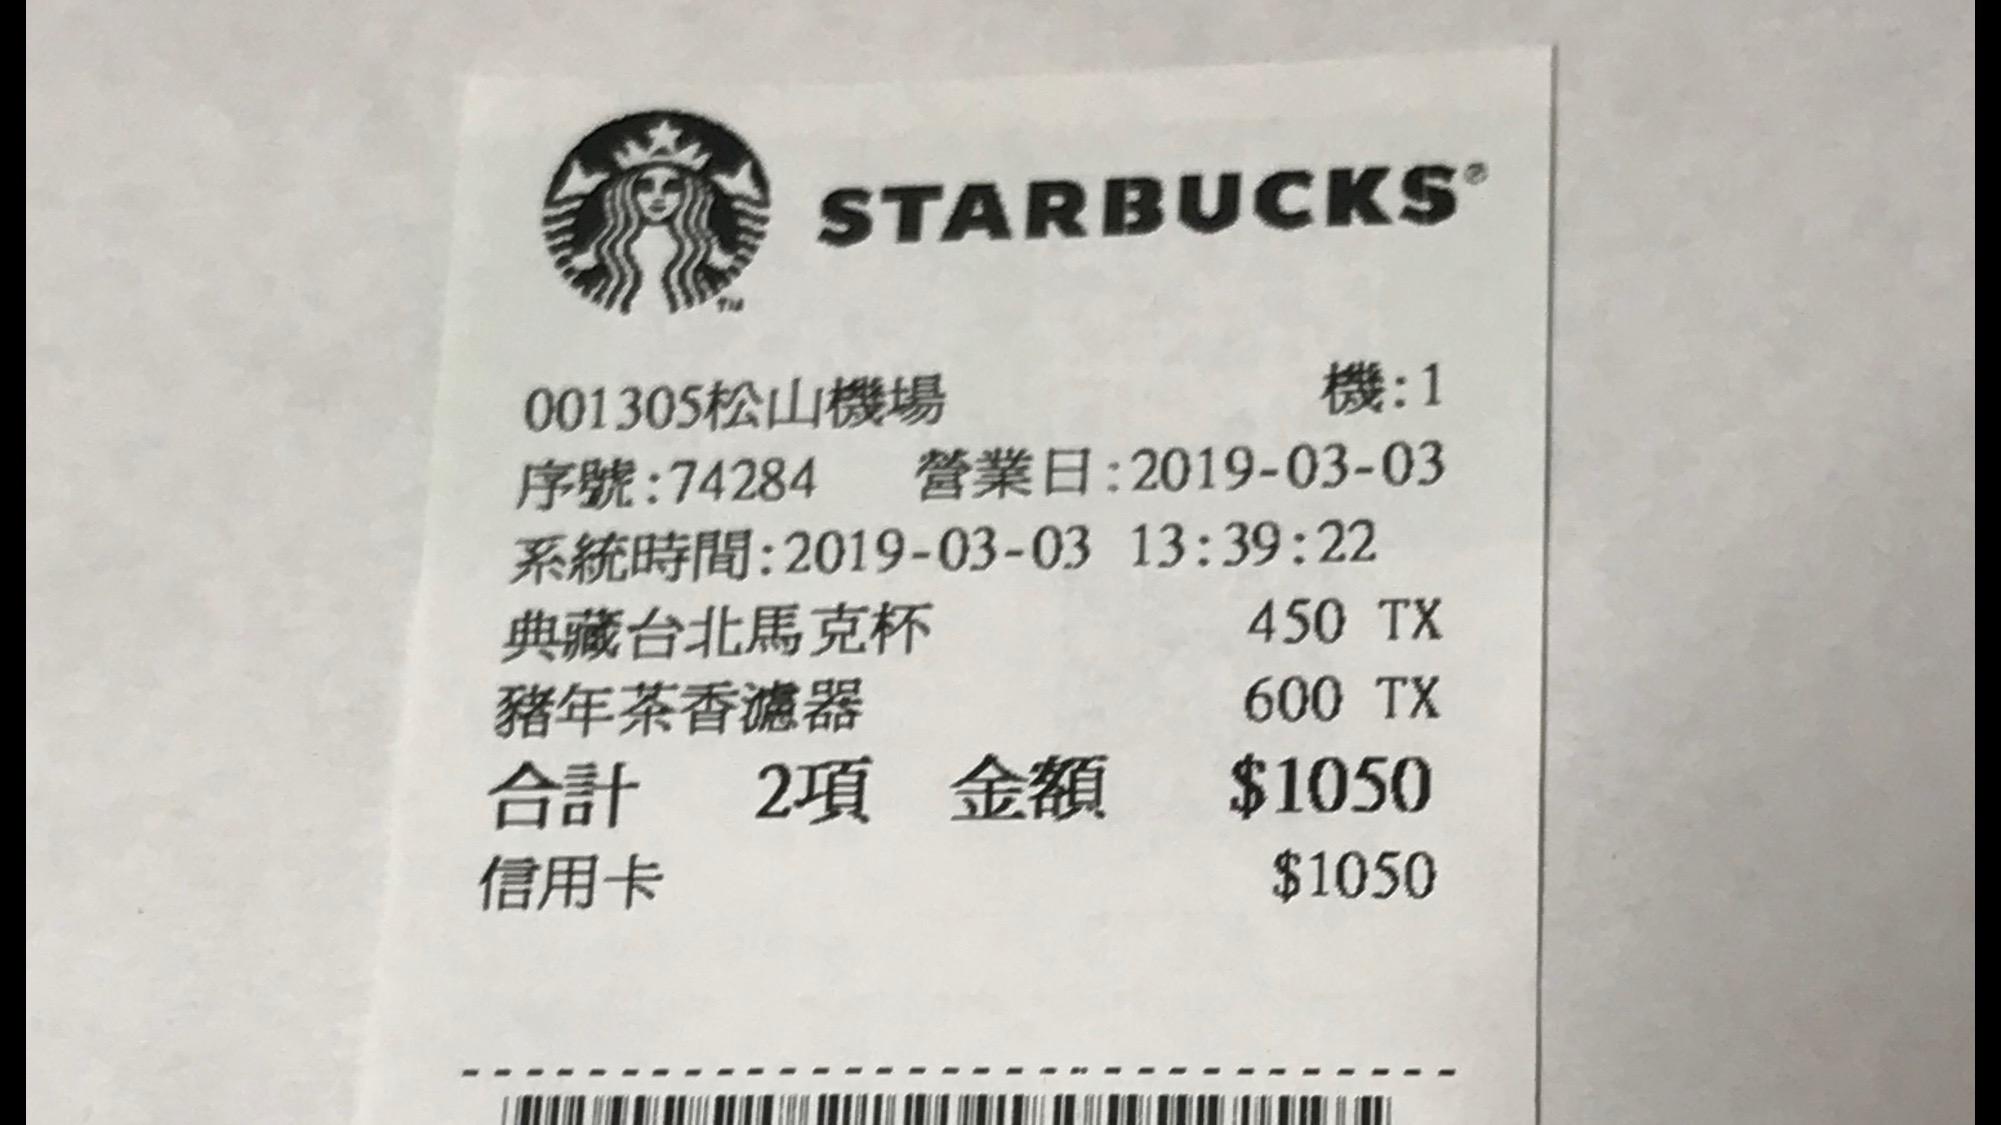 スターバックス台北松山空港のレシート